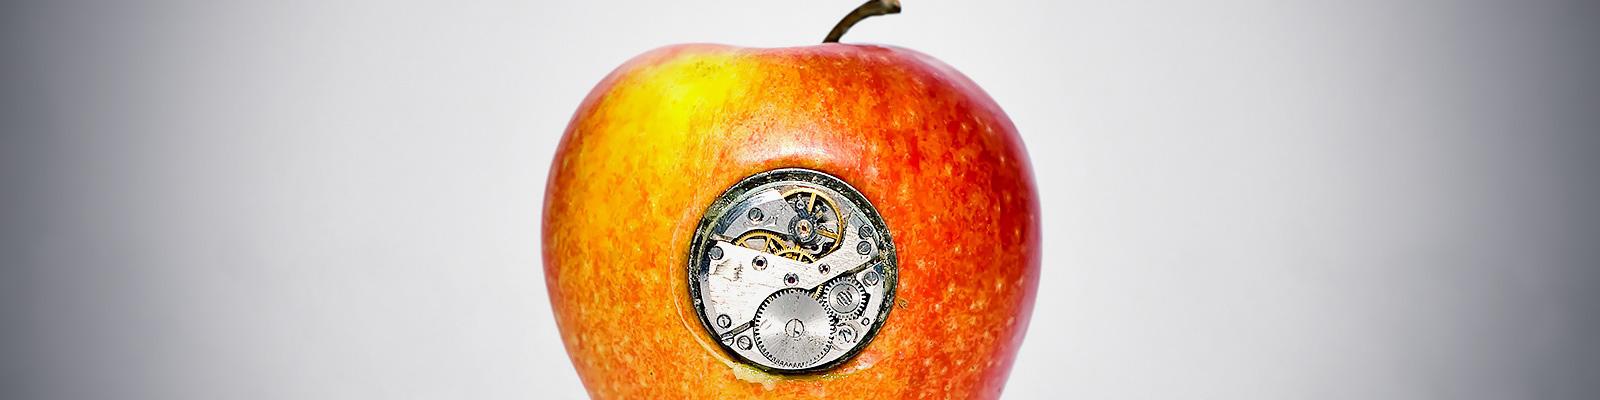 アップル 機械 イメージ